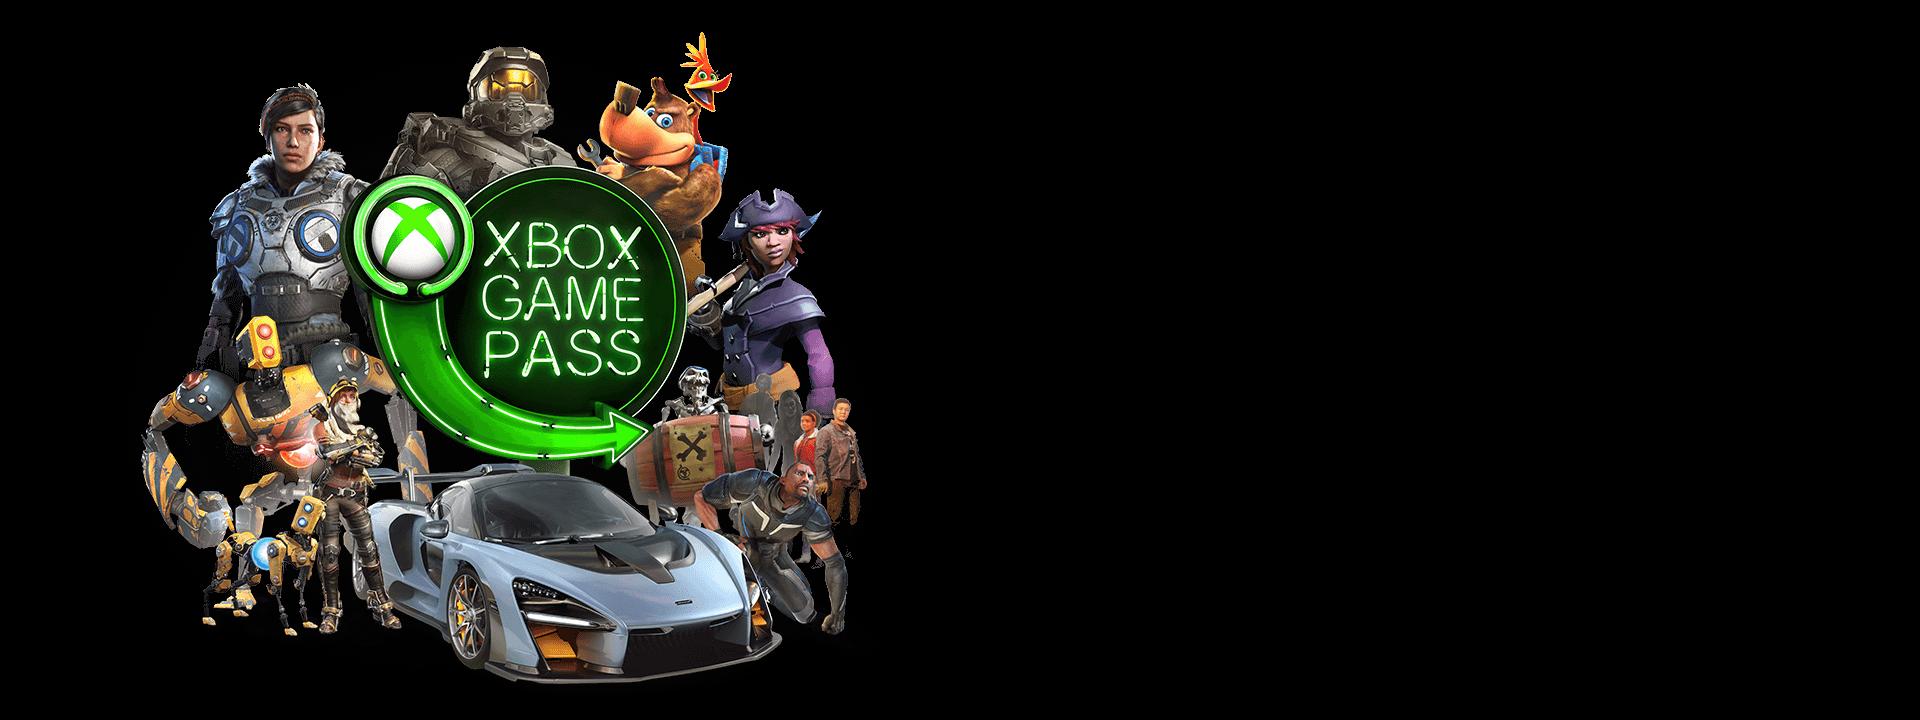 Birden fazla Microsoft karakterinin ortasında yer alan Xbox Game Pass logosu